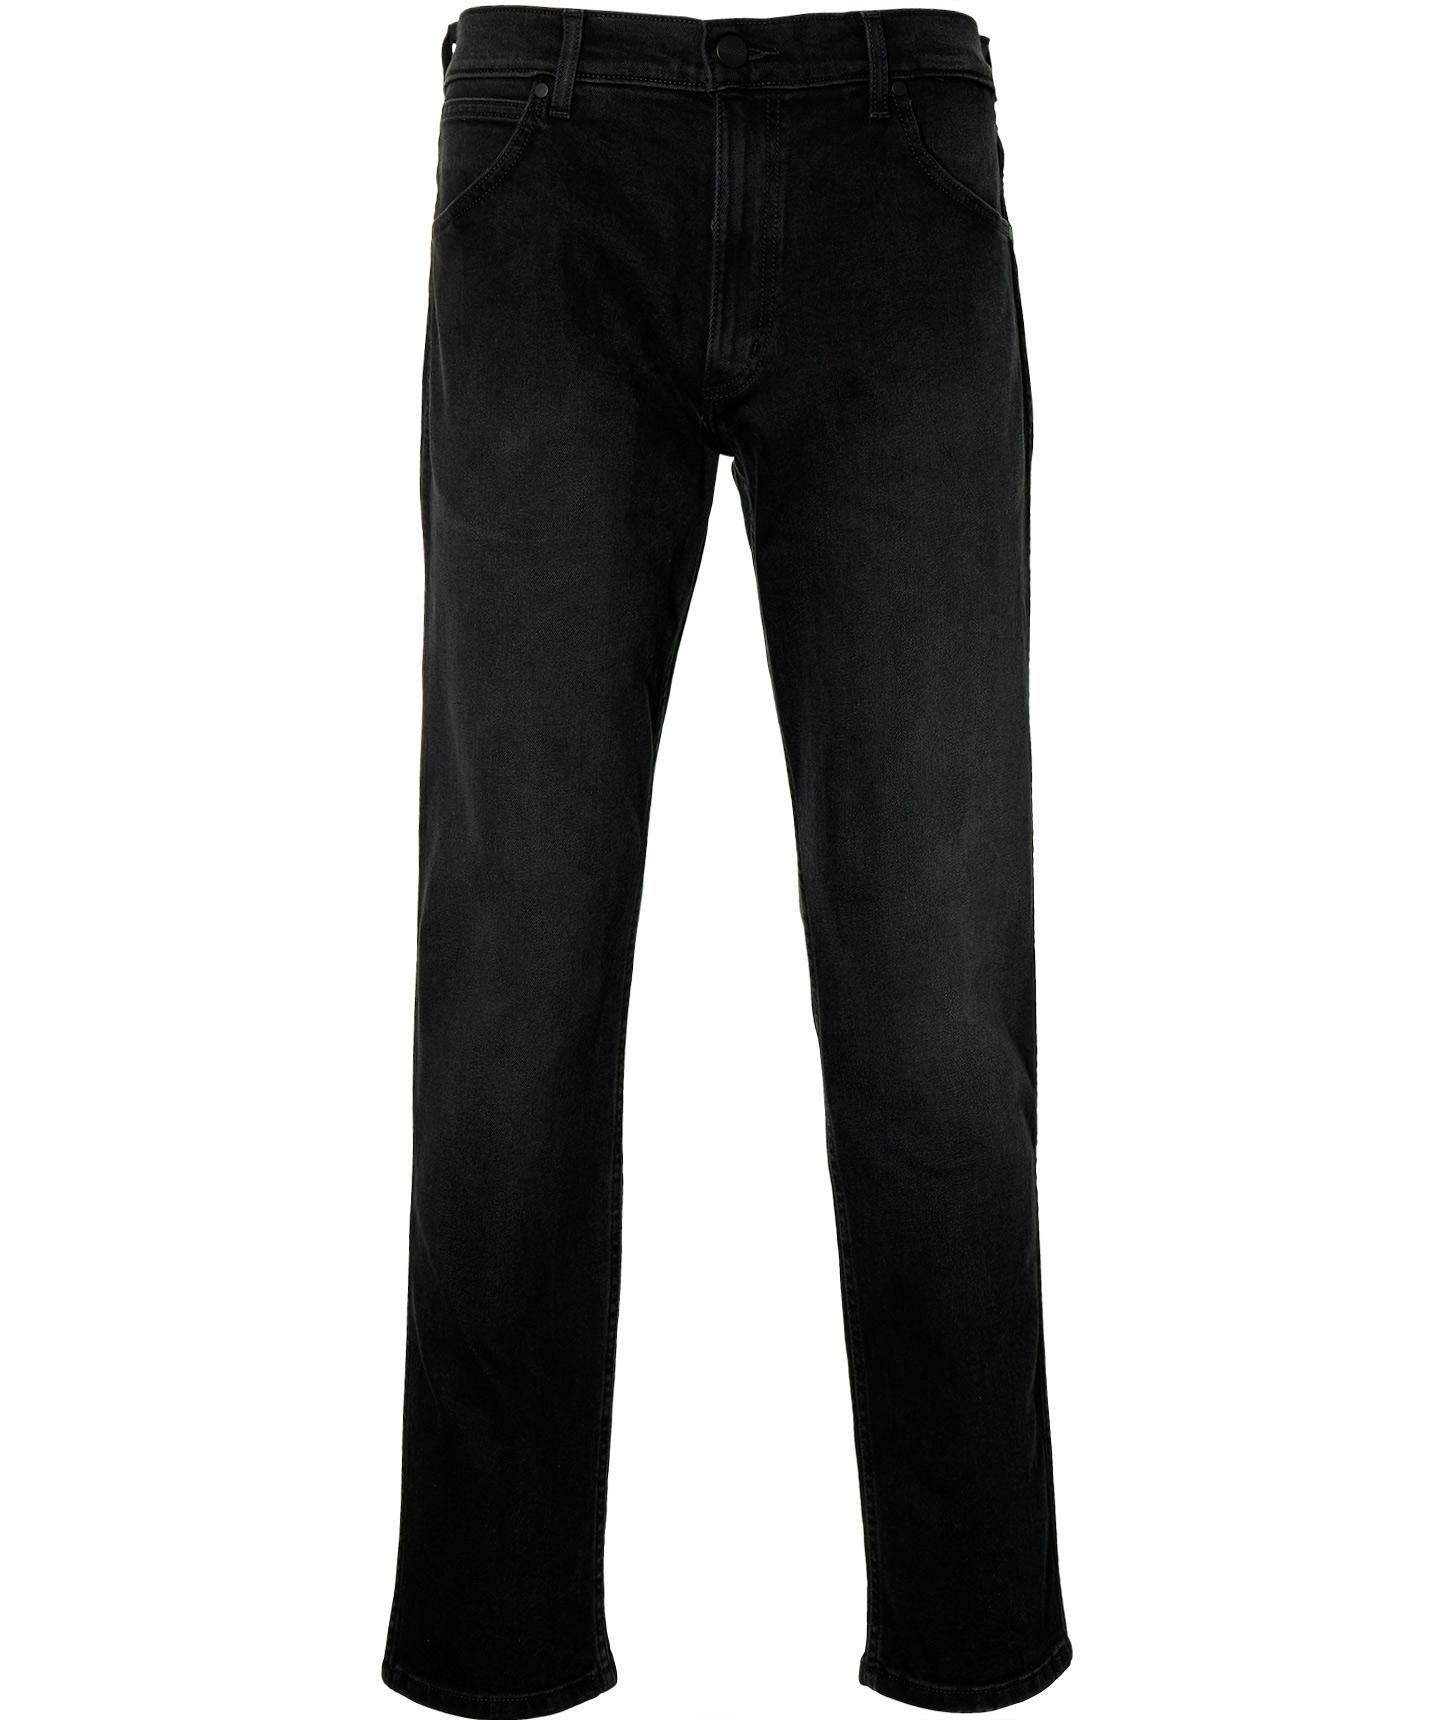 Wrangler Jeans - Modern Fit - Zwart